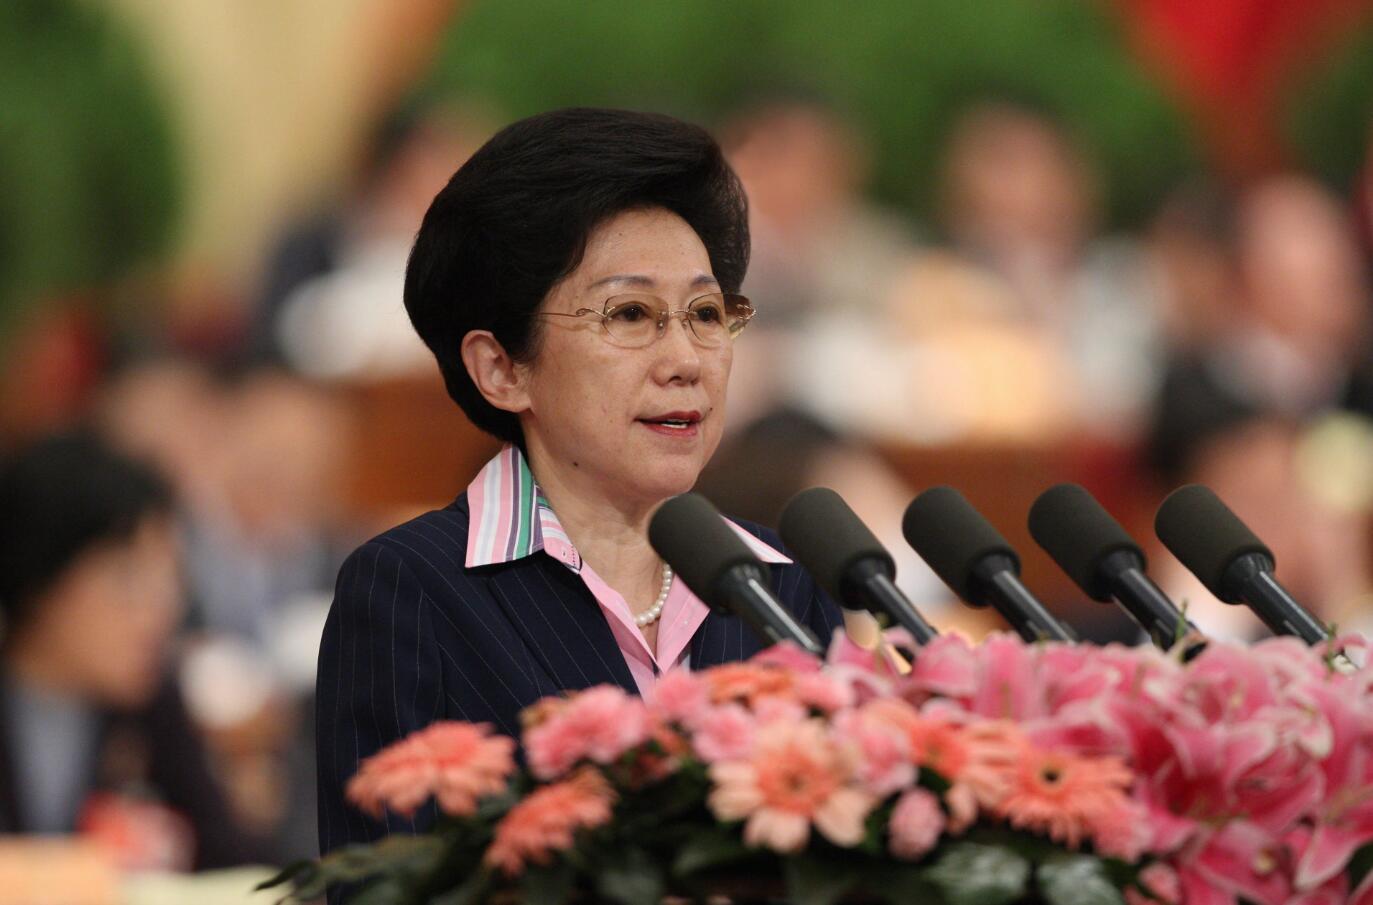 2009年,全國政協十一屆二次會議,全國政協委員李東東作大會發言,受訪者供圖